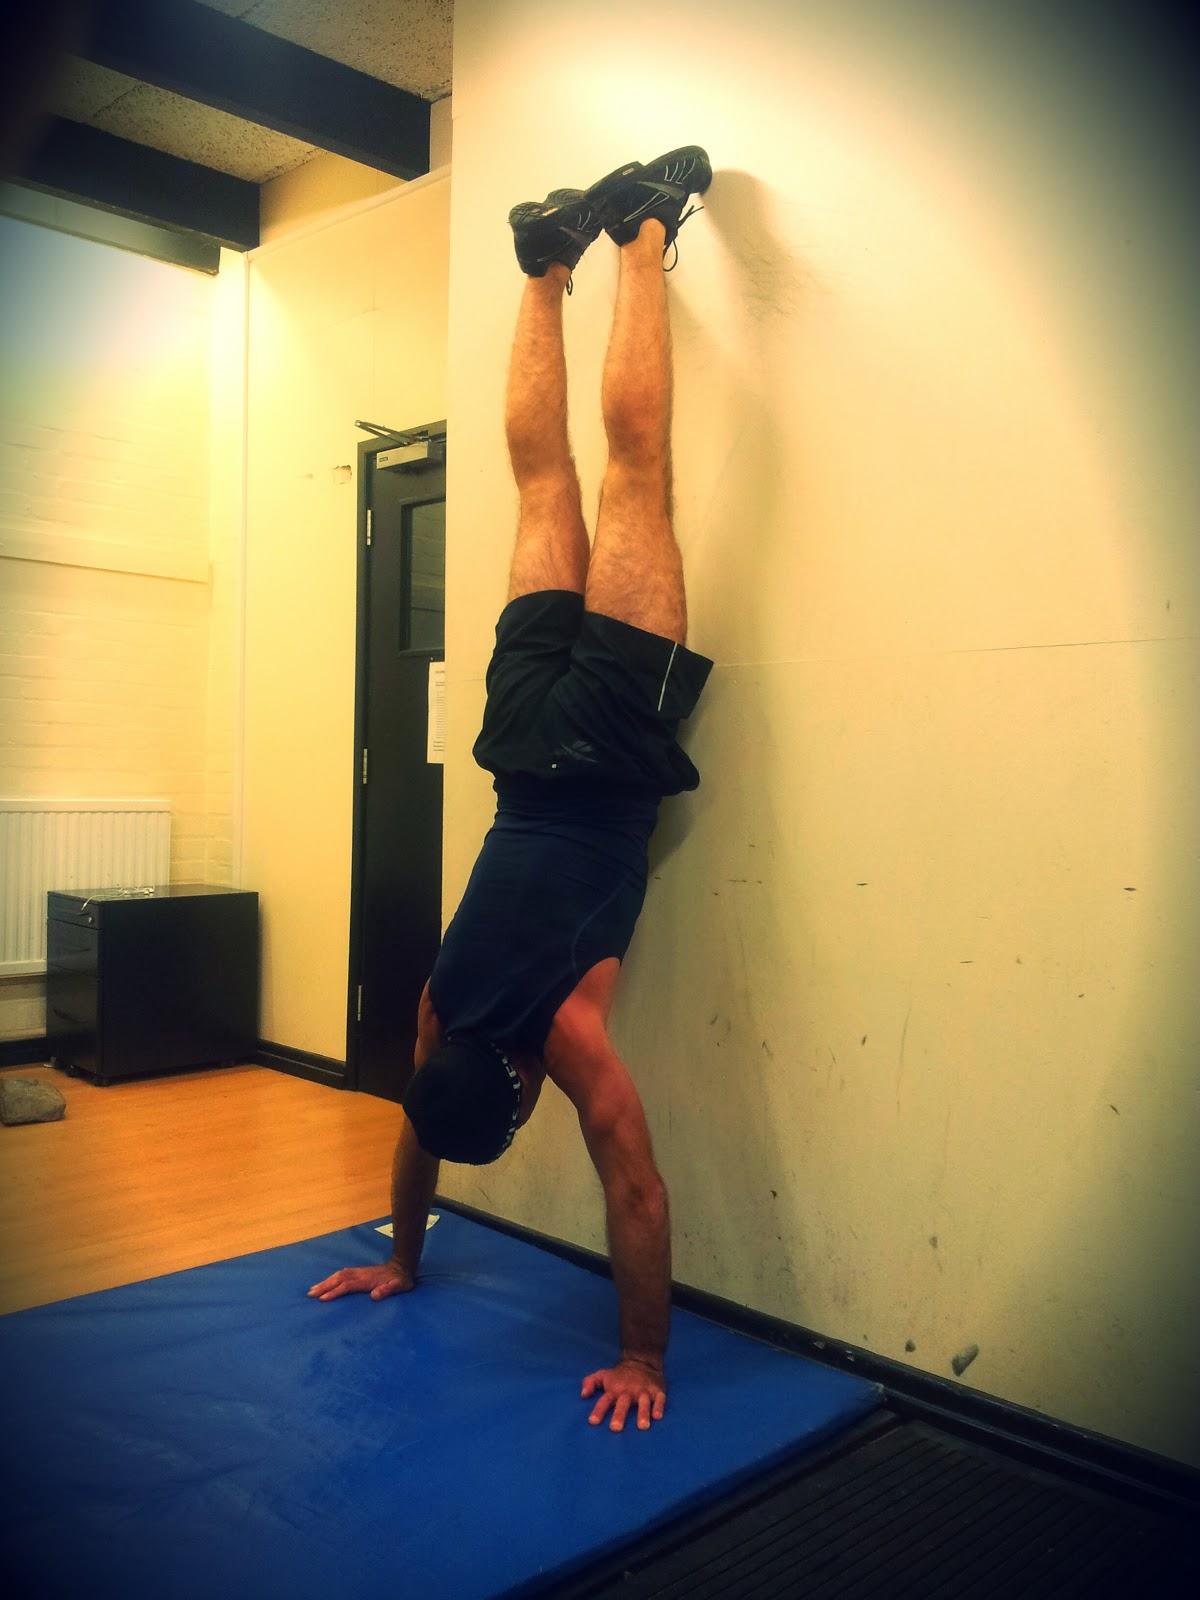 Fitness 666: Handstands - 166.2KB